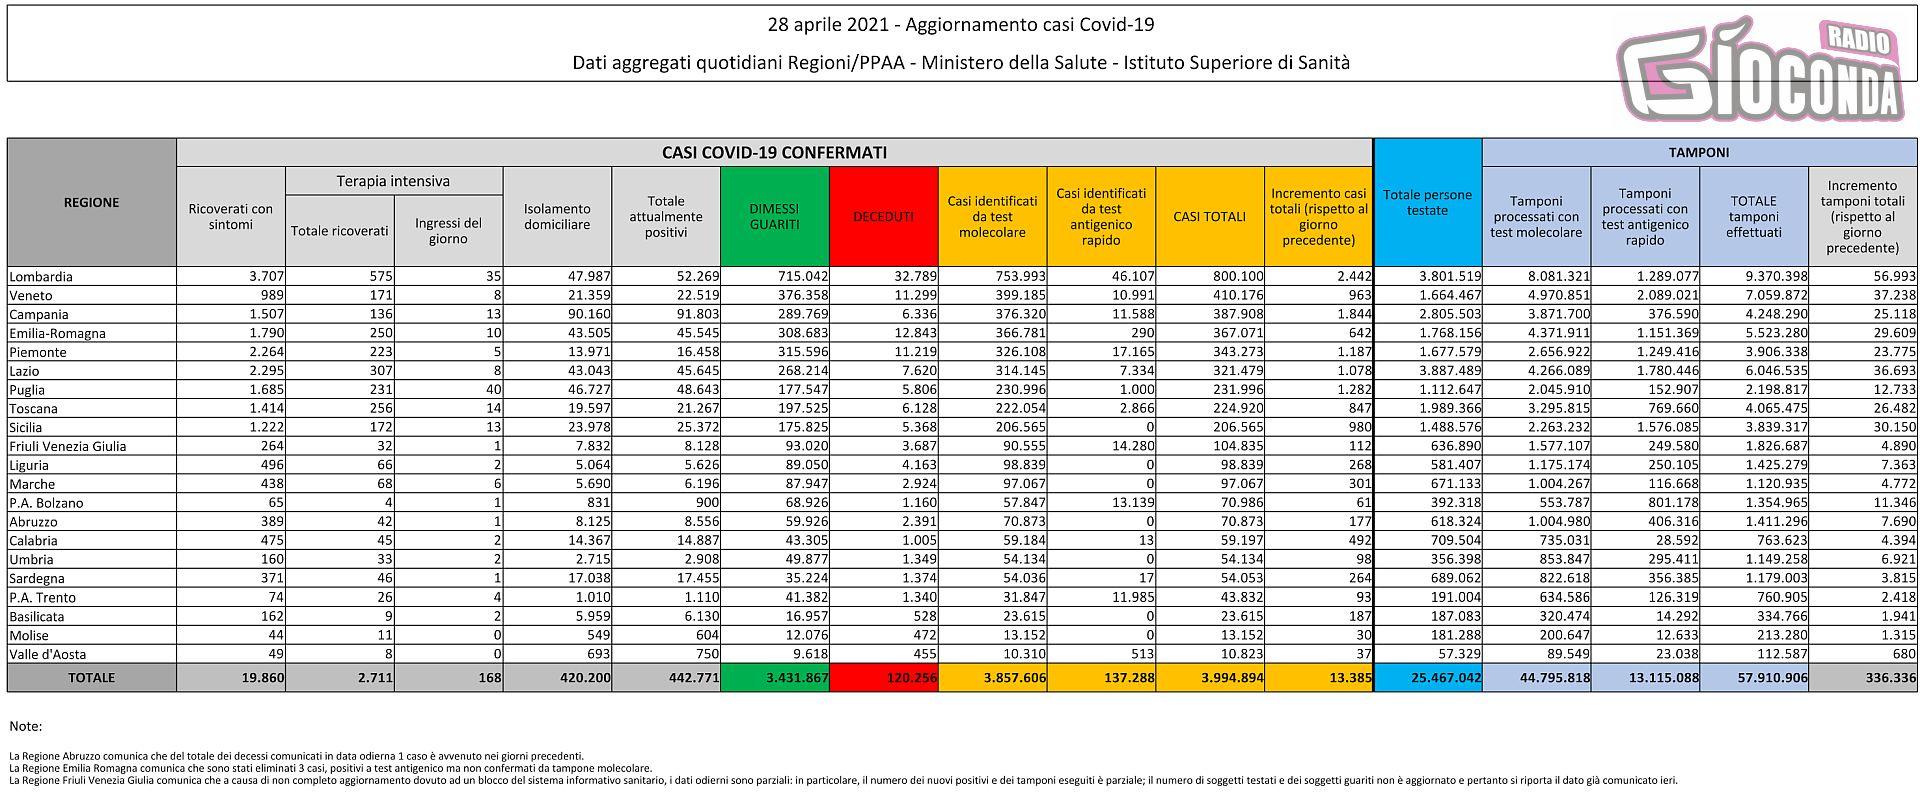 28 aprile 2021 - Aggiornamento casi Covid-19 Dati aggregati quotidiani Regioni/PPAA - Ministero della Salute - Istituto Superiore di Sanità